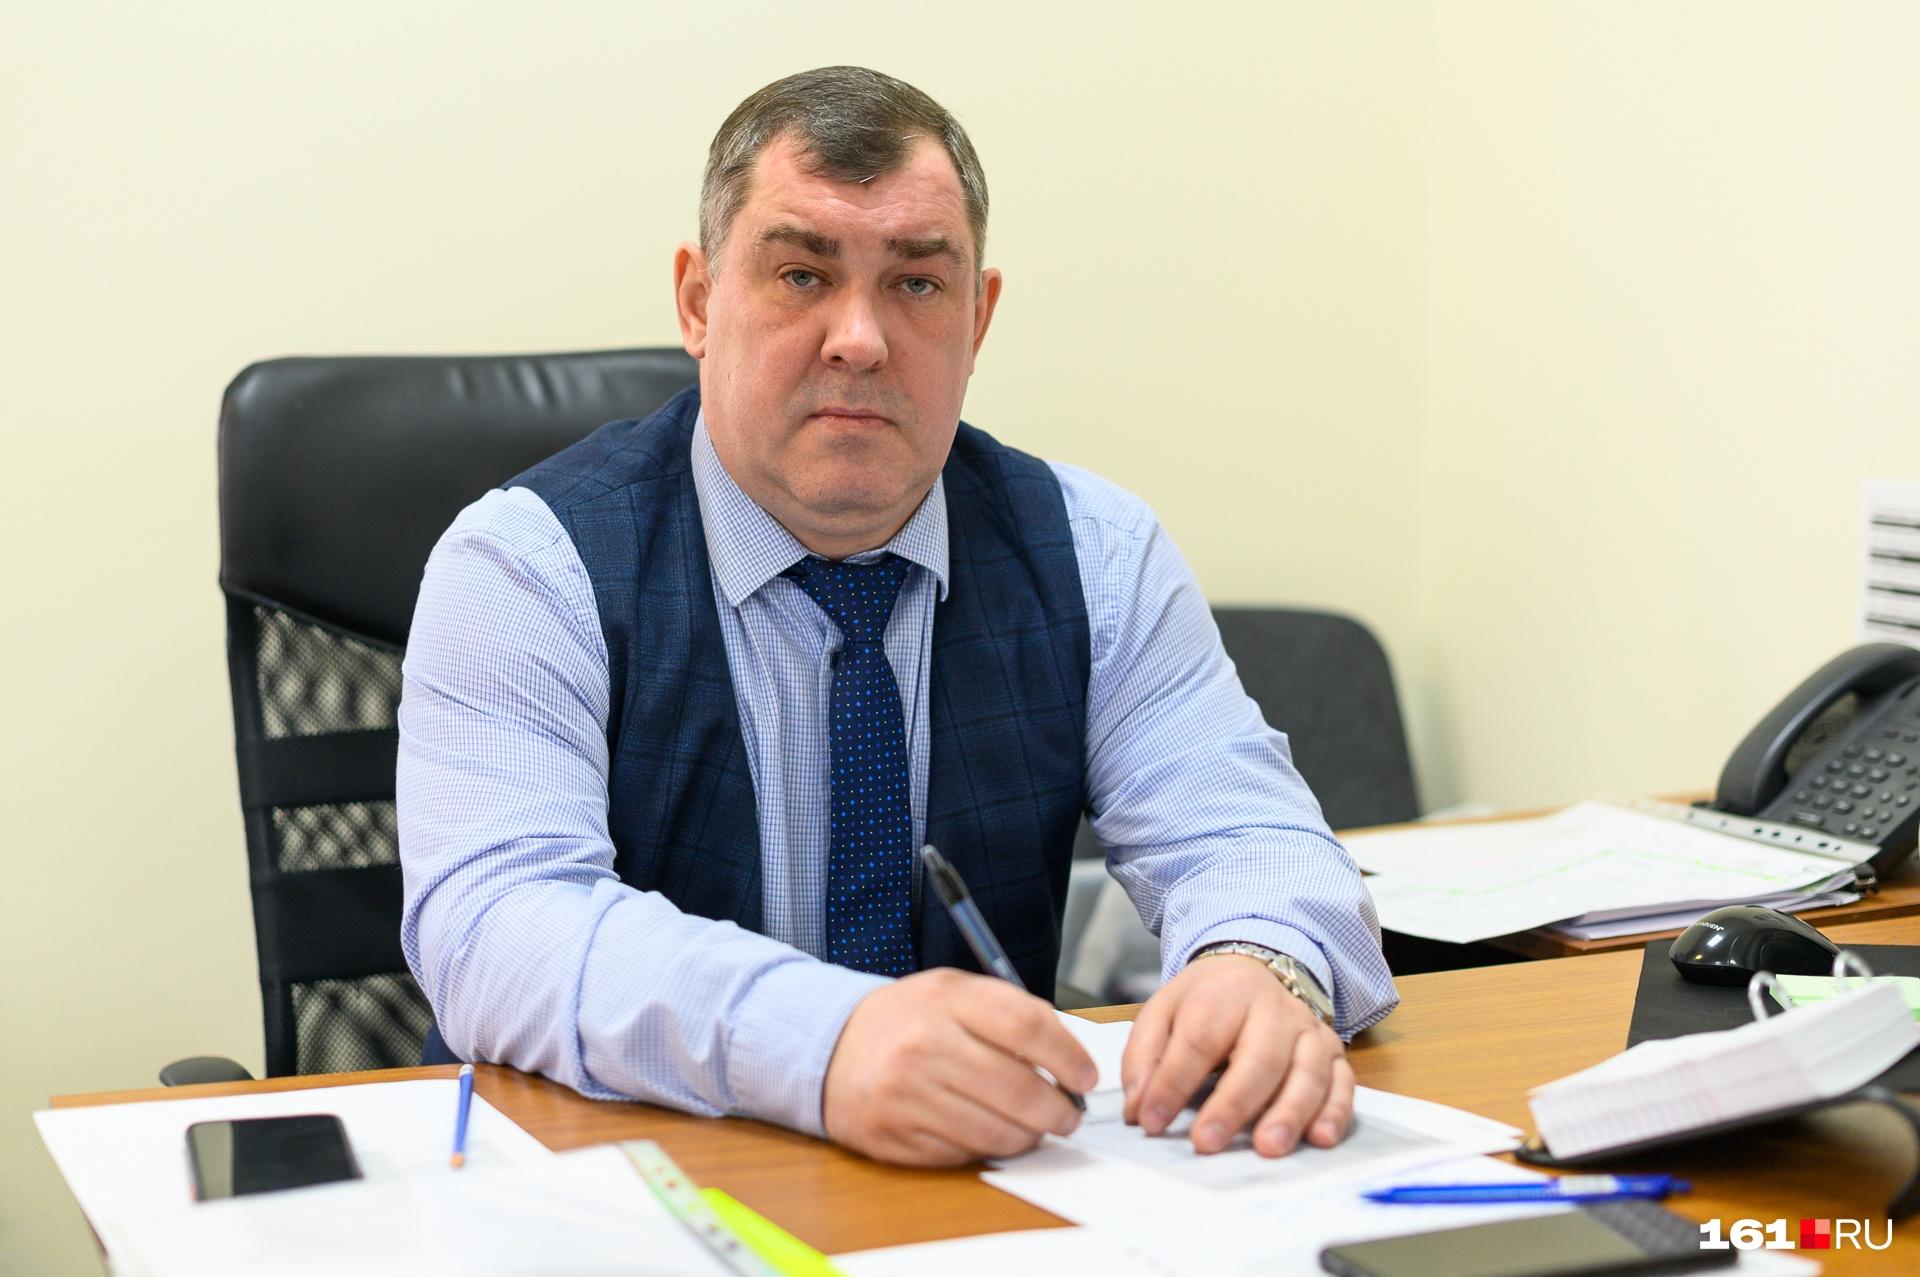 По словам Дмитрия Леоненкова, дежурный полицейский или росгвардеец могли бы улучшить ситуацию